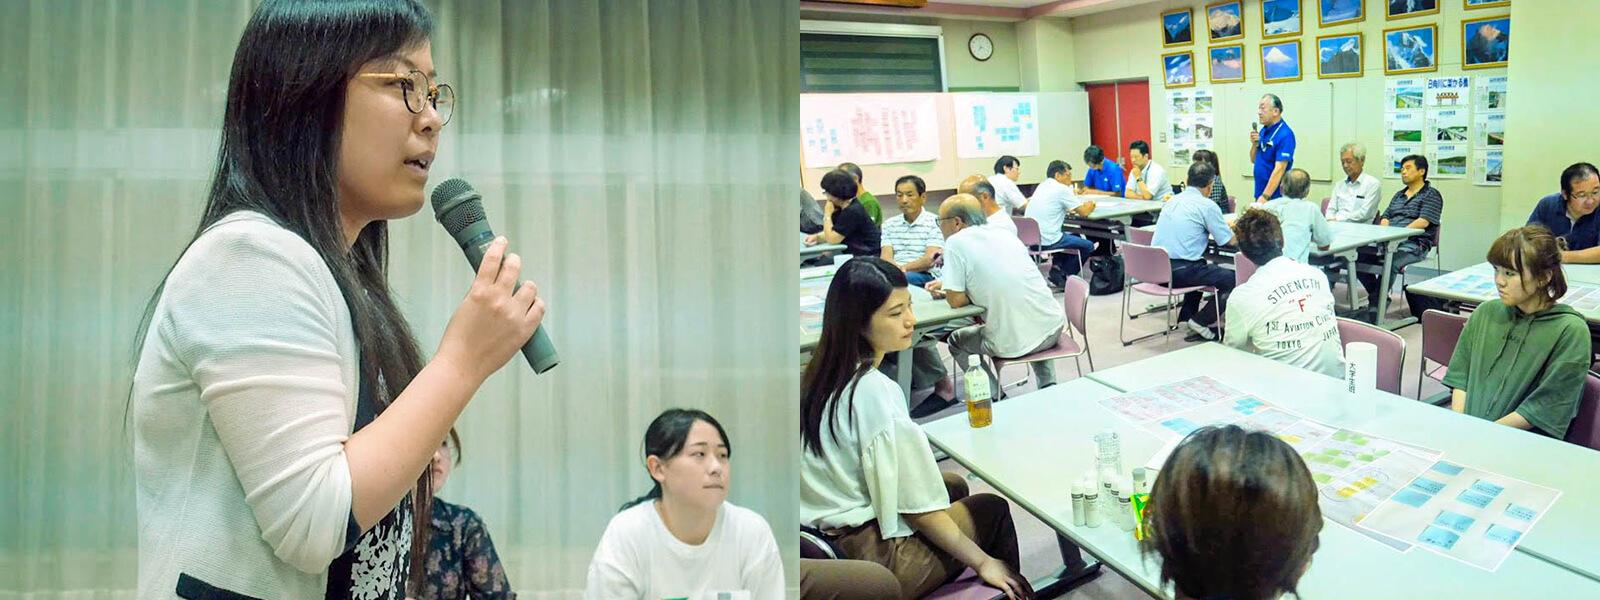 ファシリテーターを務める小関久恵先生 /参加者で「日向里かふぇ」の運用をかんがえる